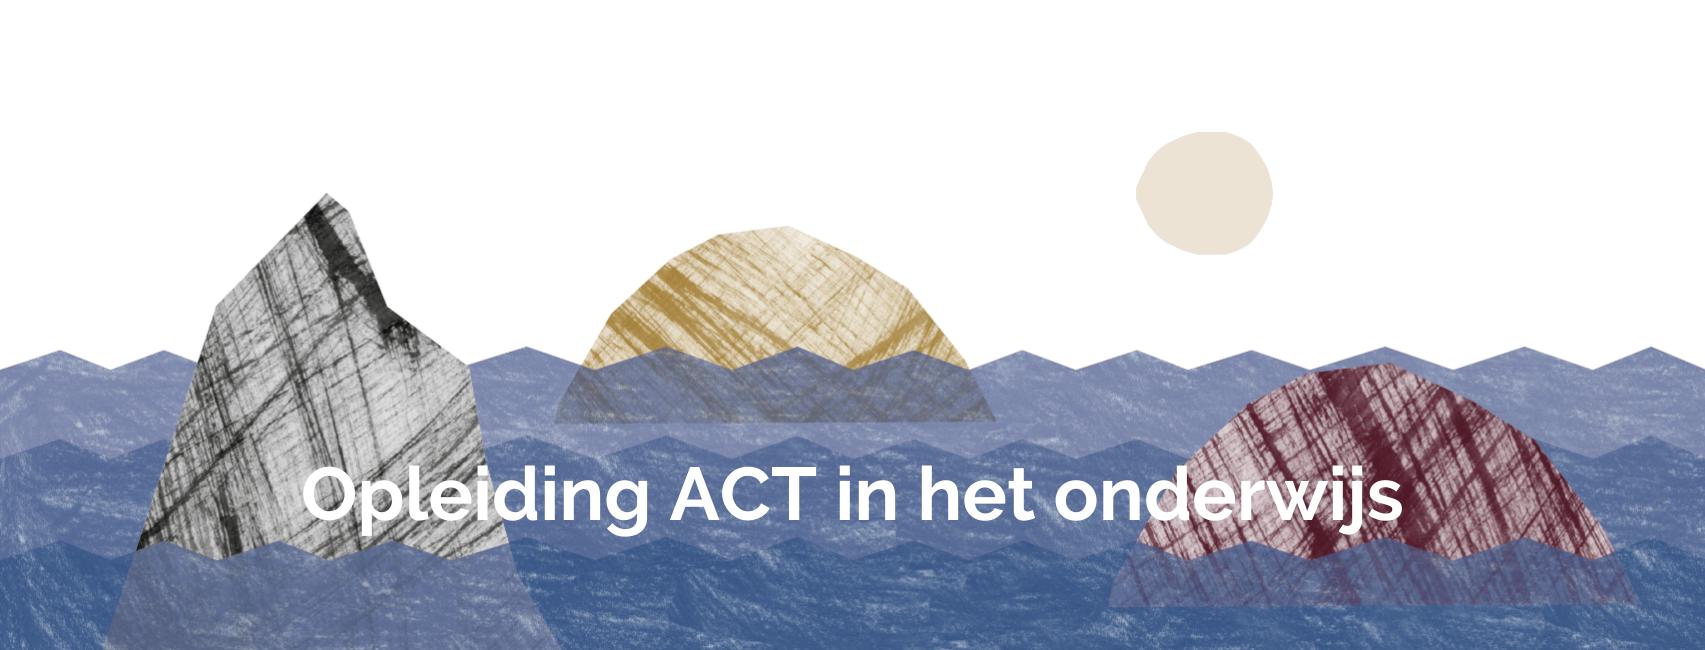 Opleiding ACT in het onderwijs; ACT; onderwijs; Femke Klomp; Maaike Steeman; veerkracht voor de leerkracht